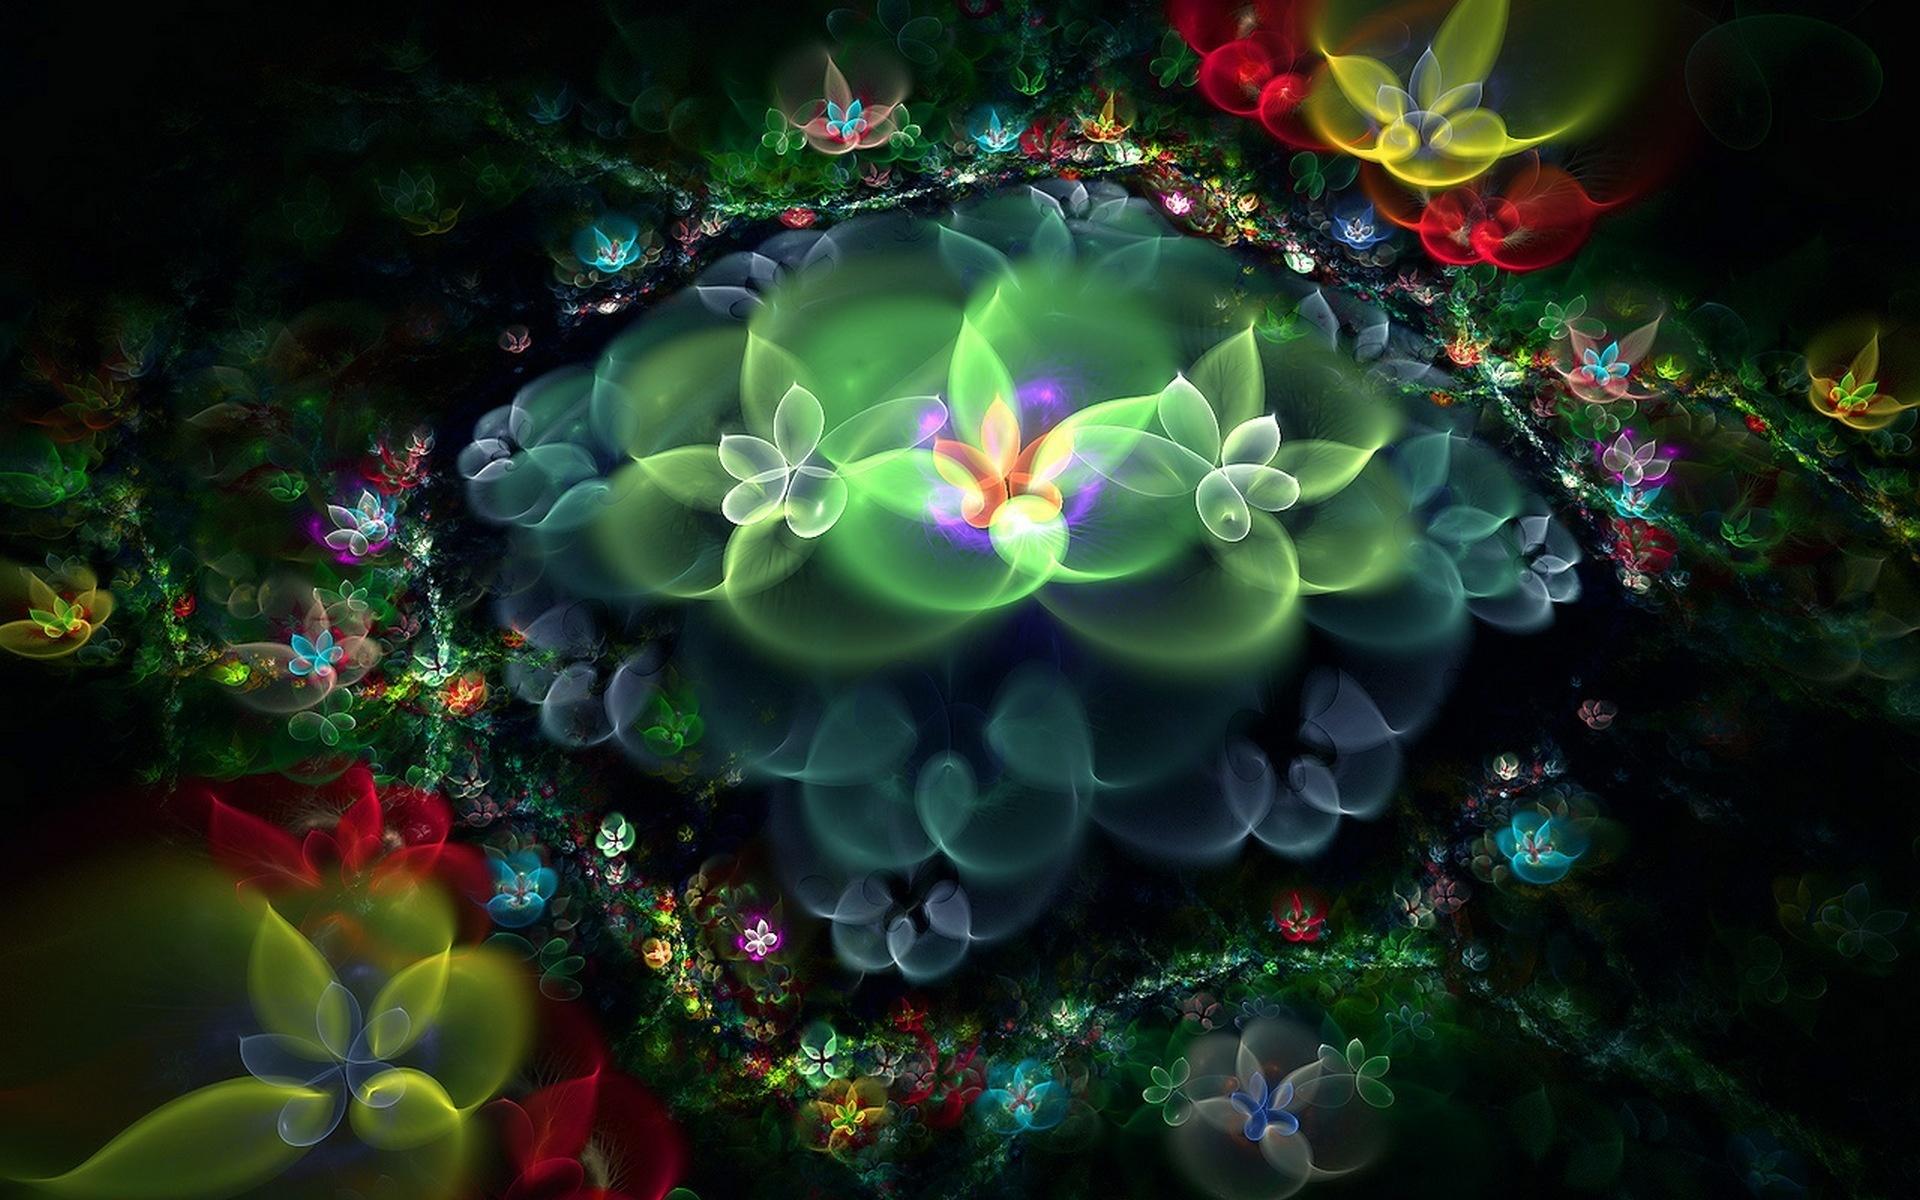 природа, цветы, растения